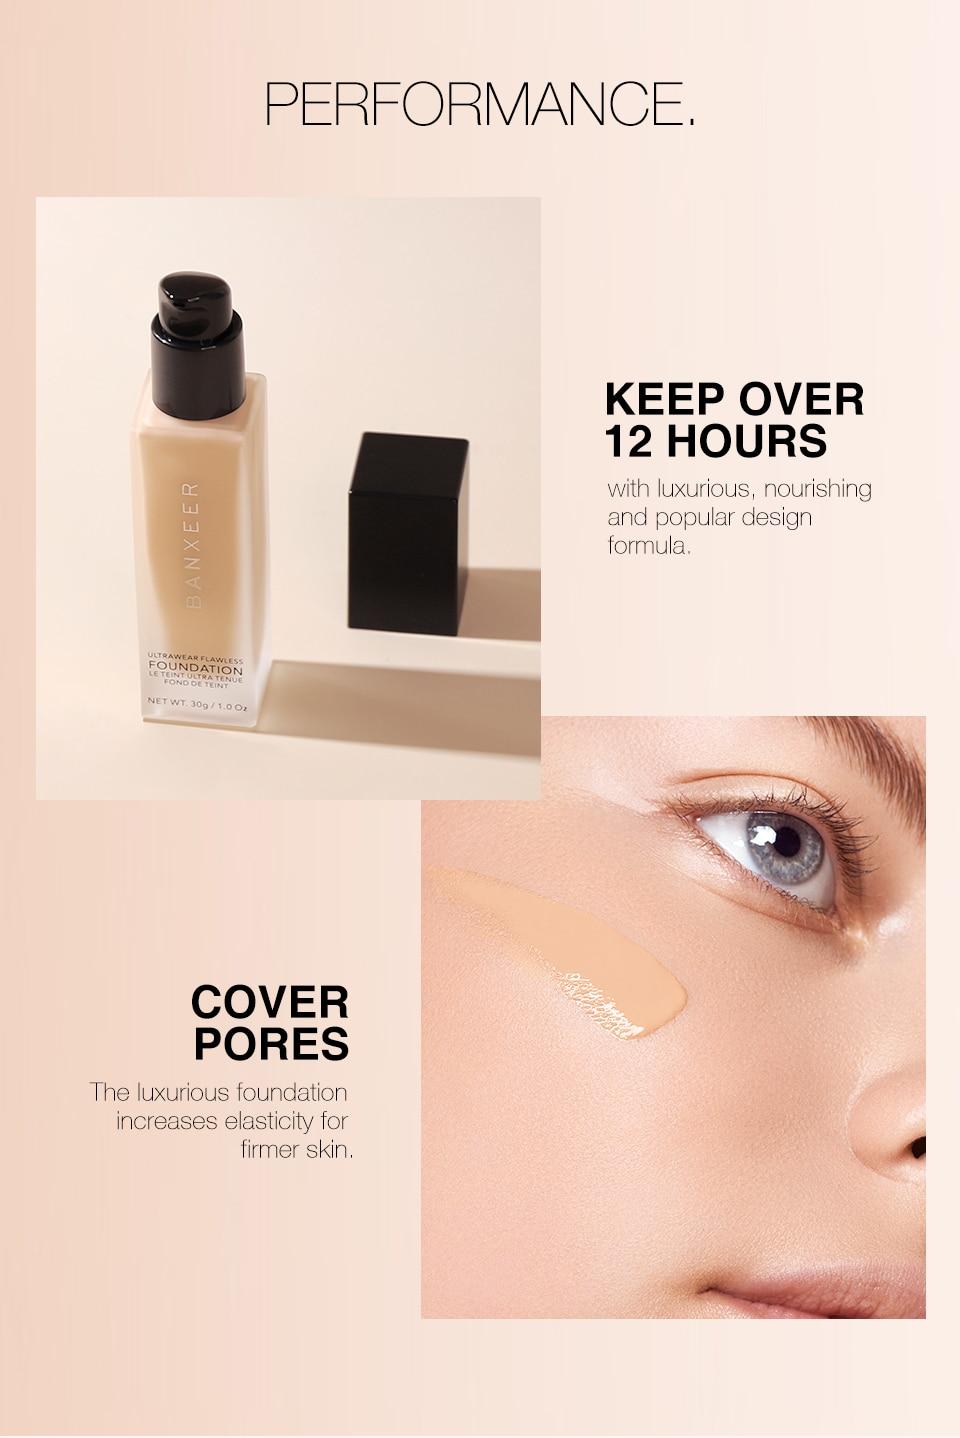 maquiagem poros cicatriz cobertura completa pele branca